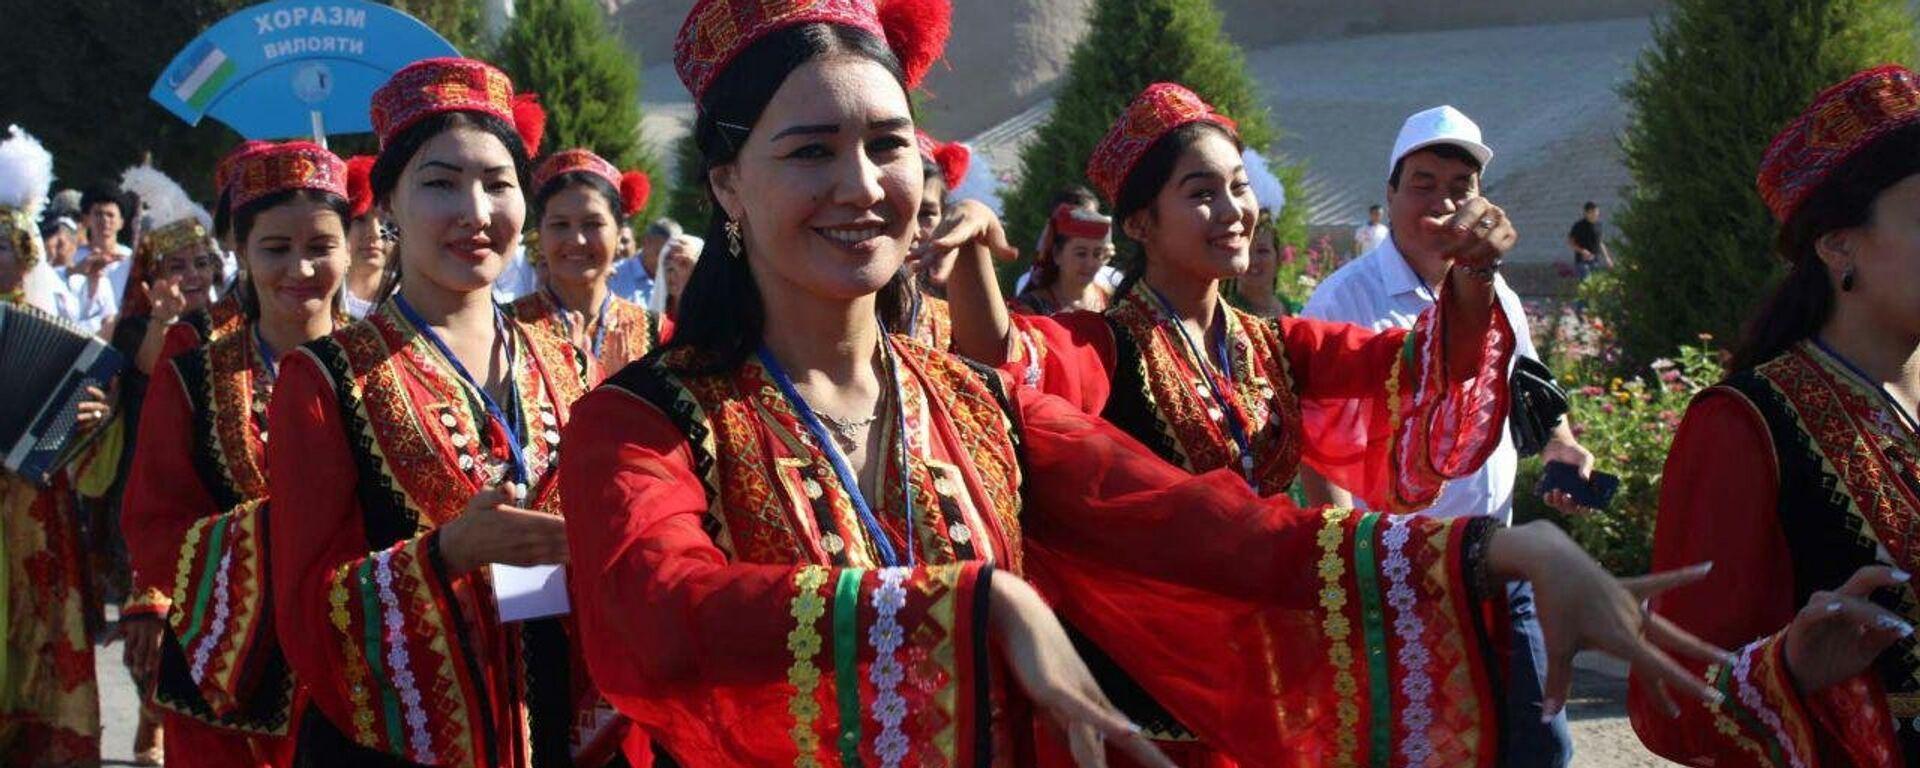 В Хиве перед комплексом Ота-дарвоза  состоялось открытие фестиваля Ракс сехри  - Sputnik Узбекистан, 1920, 08.06.2021